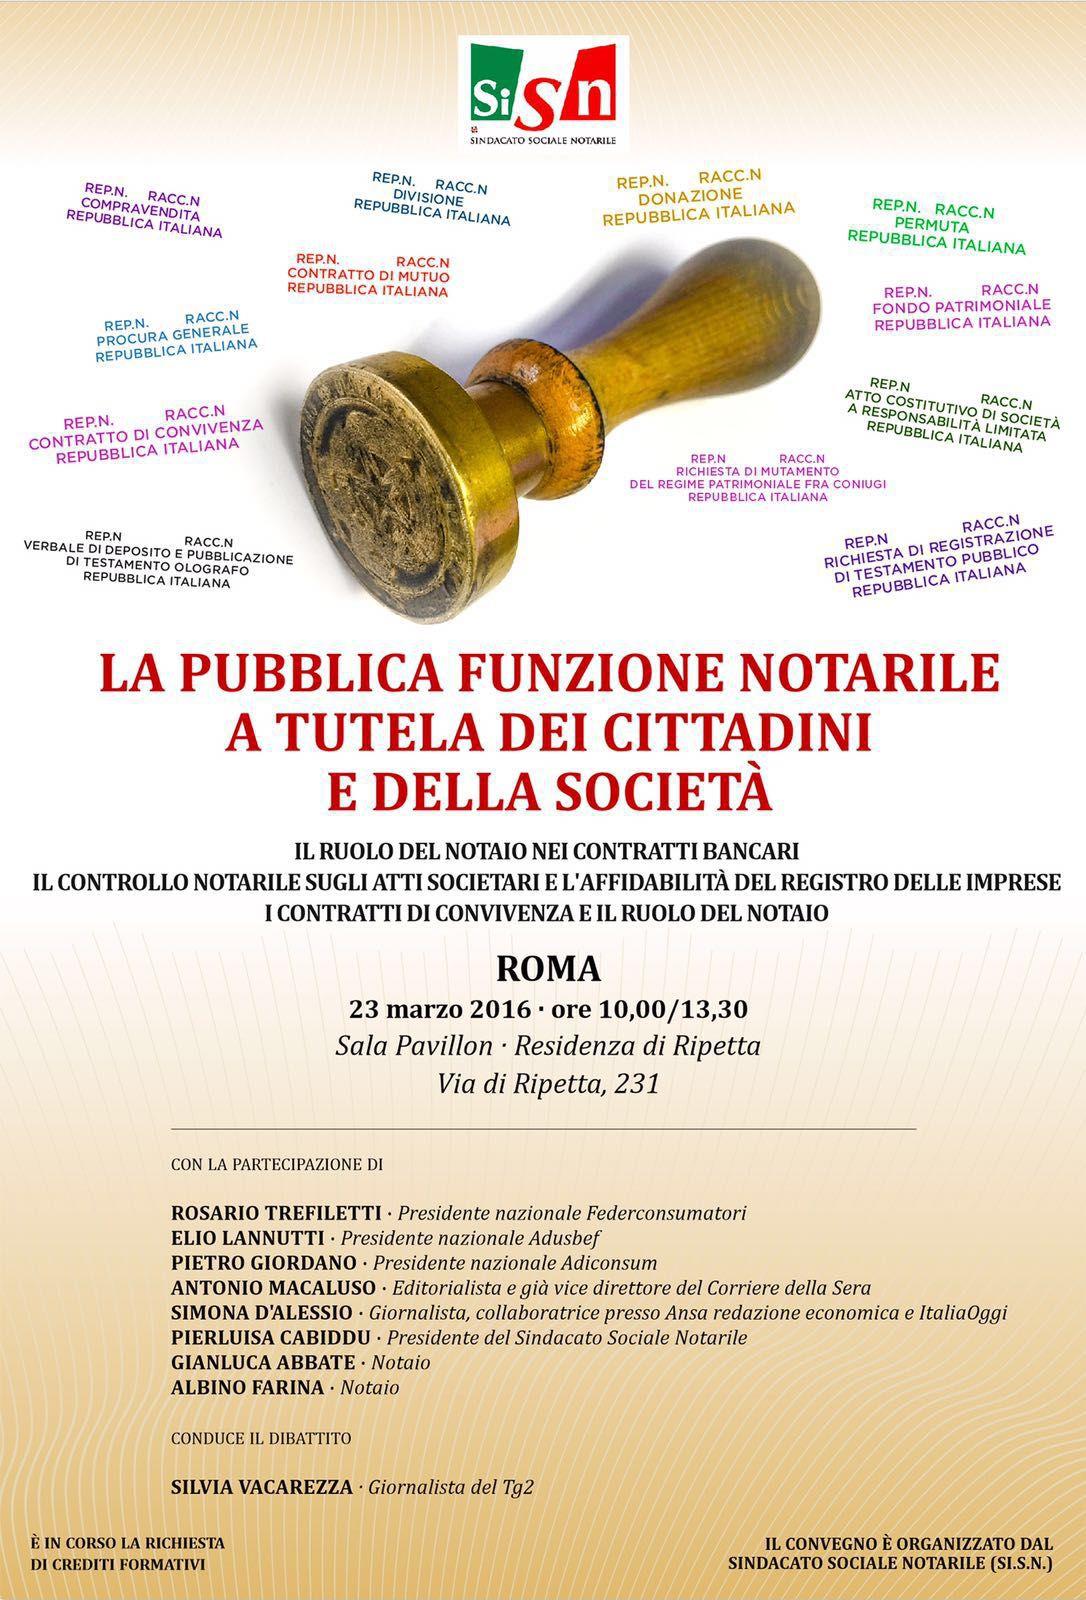 convegno sindacato sociale notaile Roma 2016